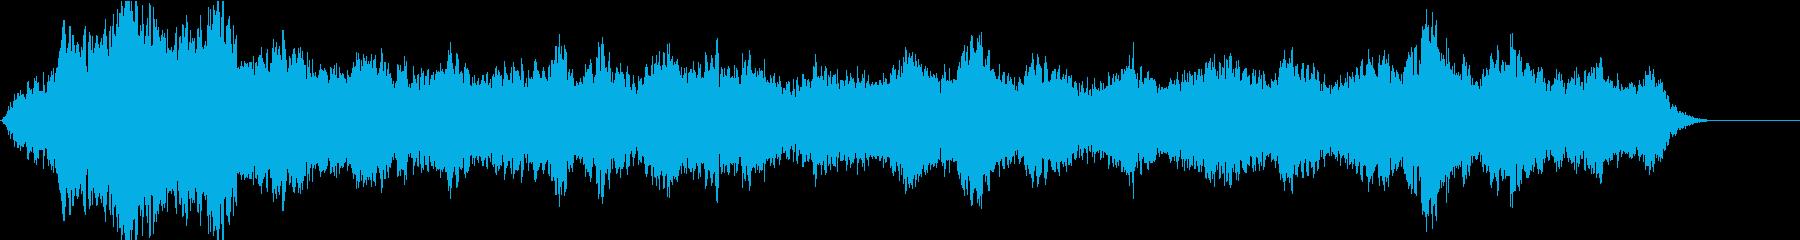 ドローン エジプトのハイ01の再生済みの波形